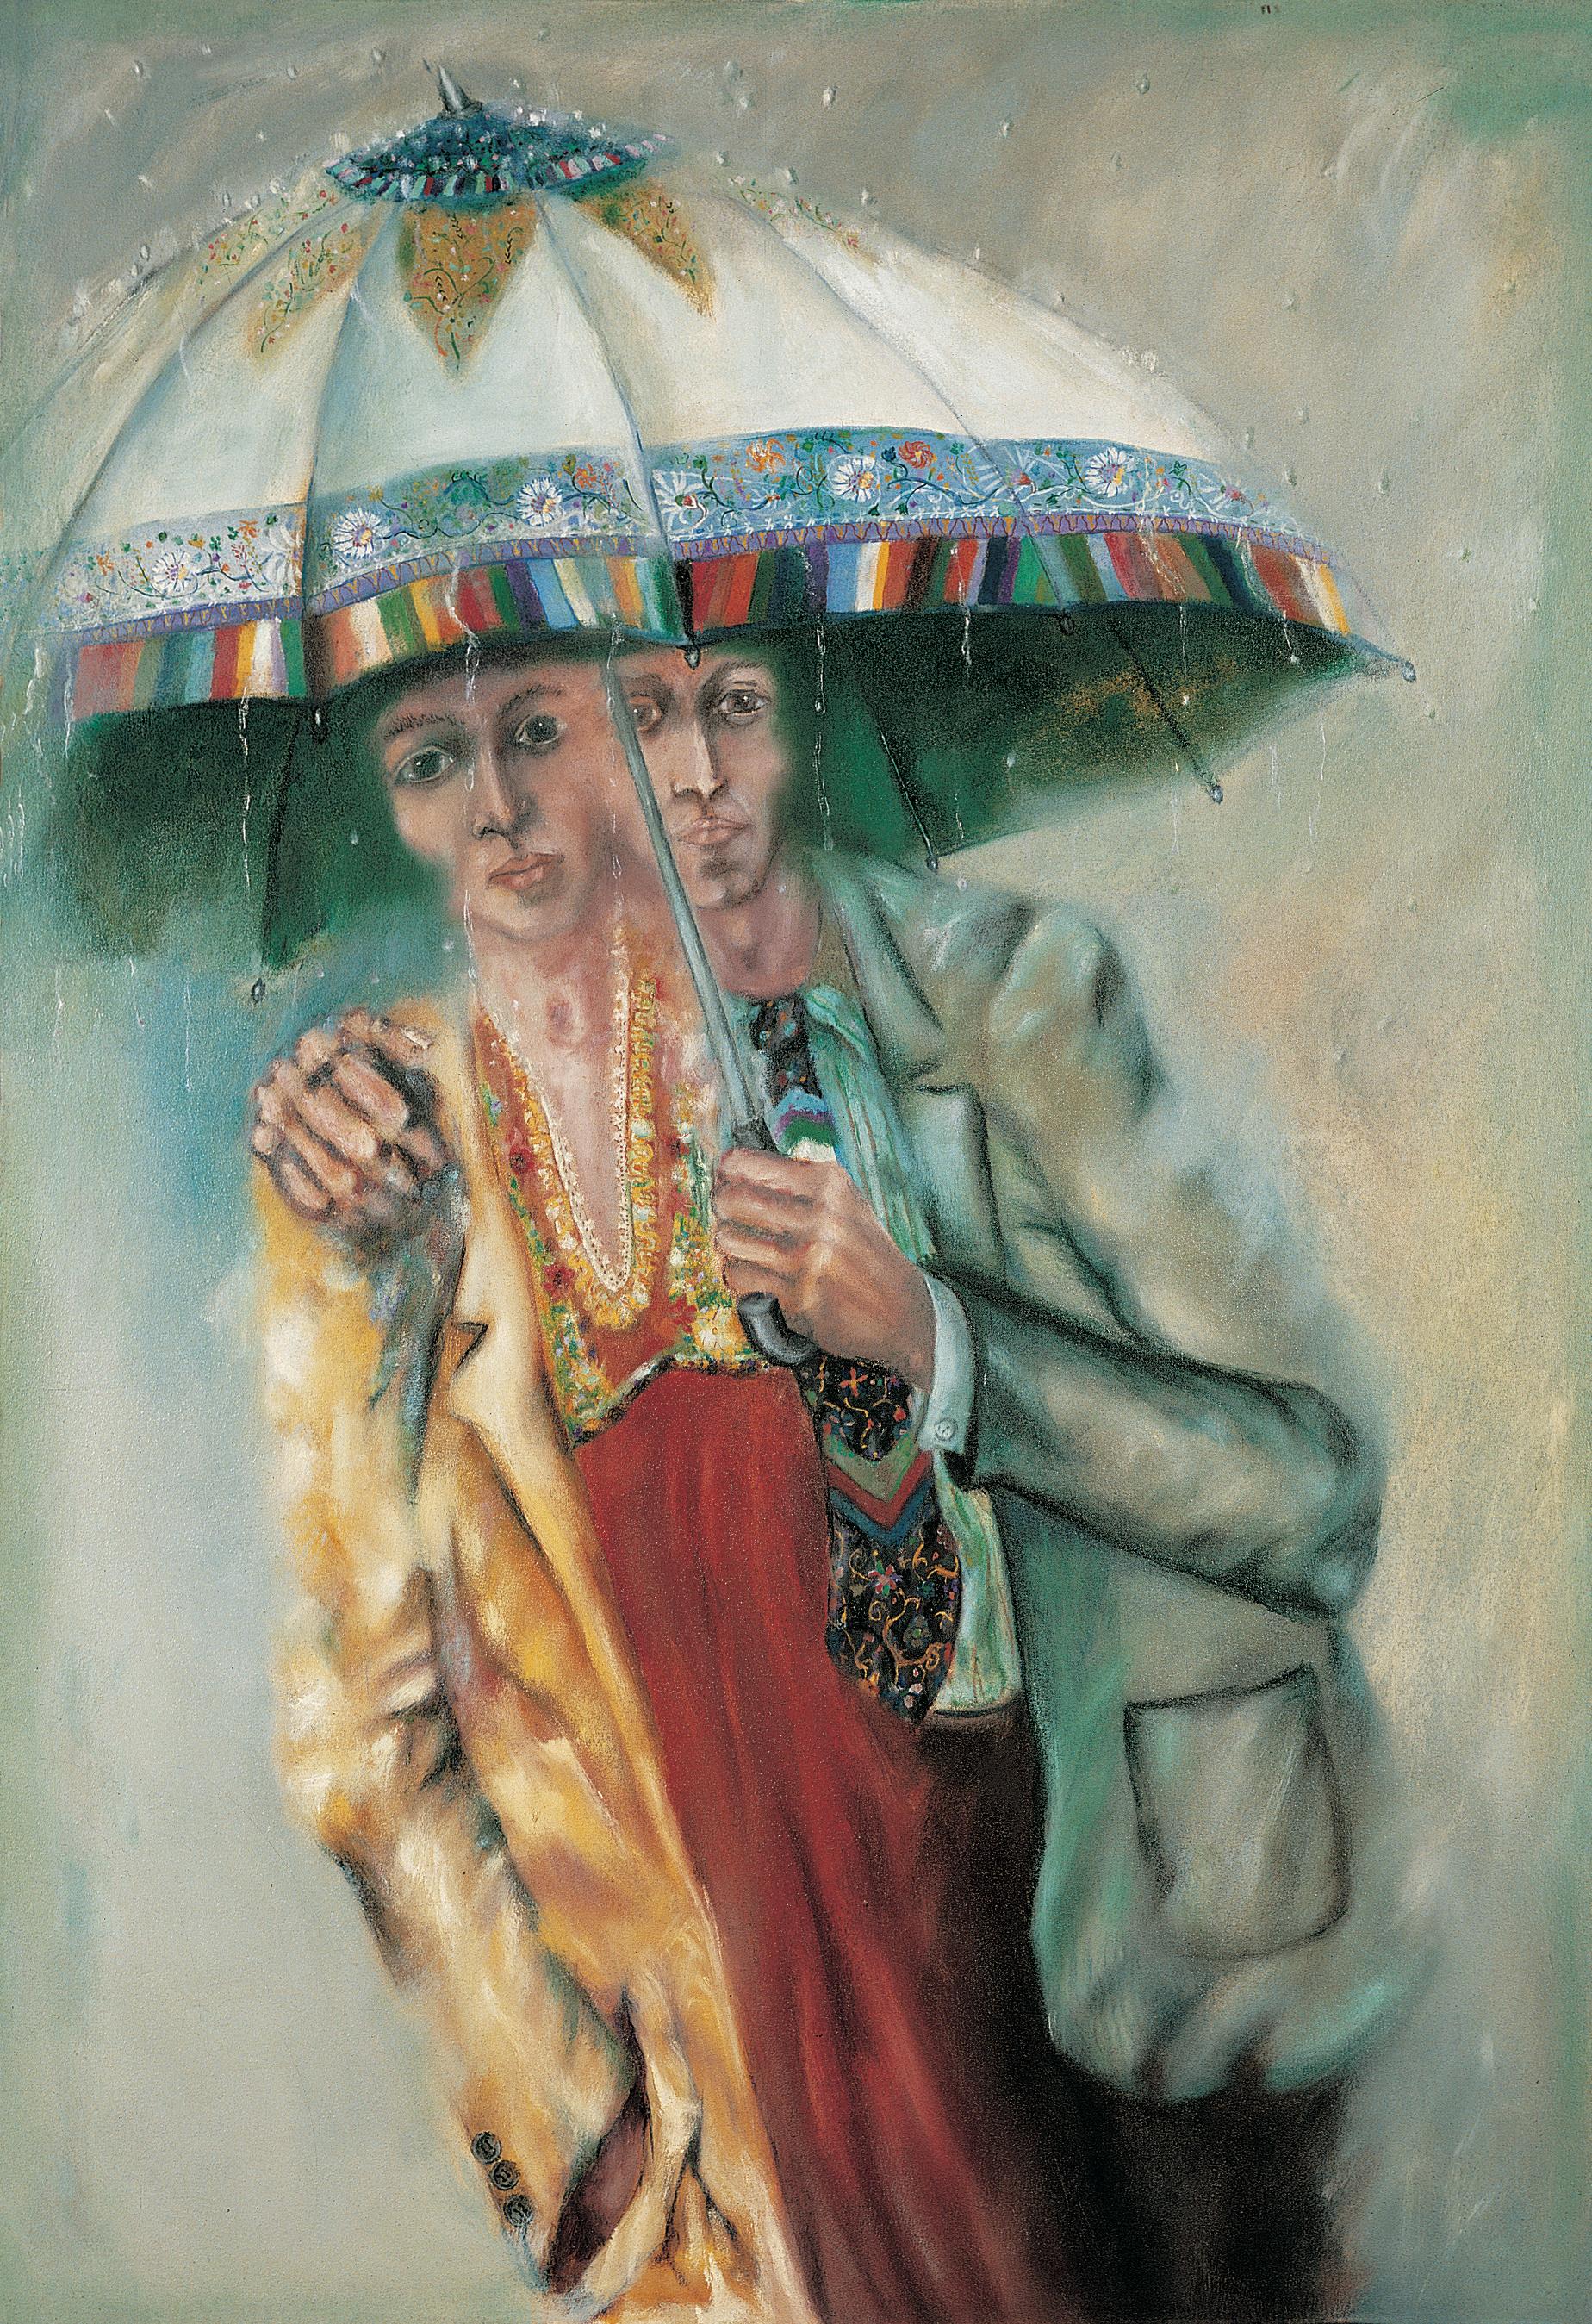 Paar mit Regenschirm, 1980